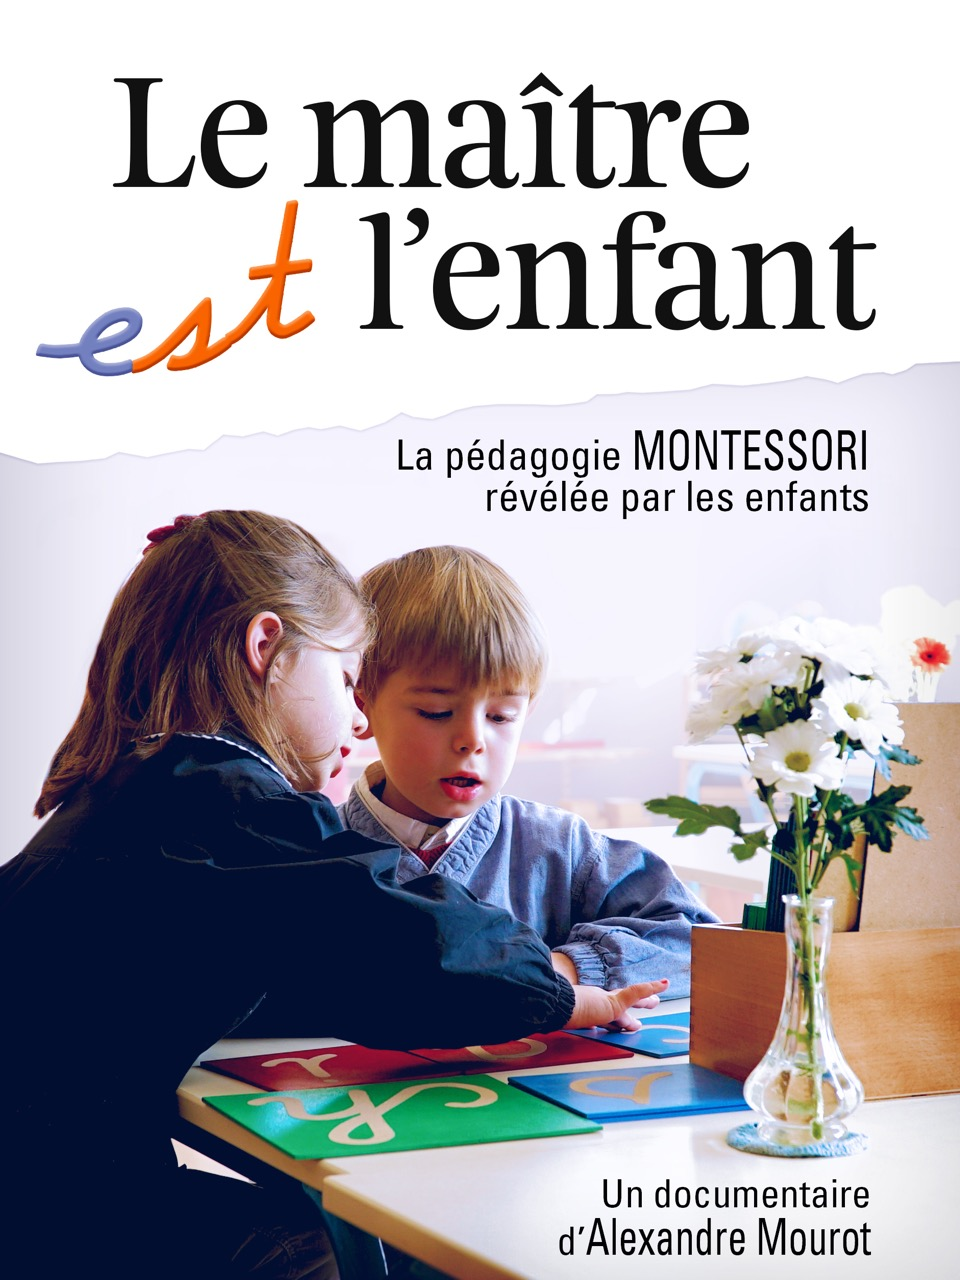 L'association Montessori Polynésie annonce son premier événement